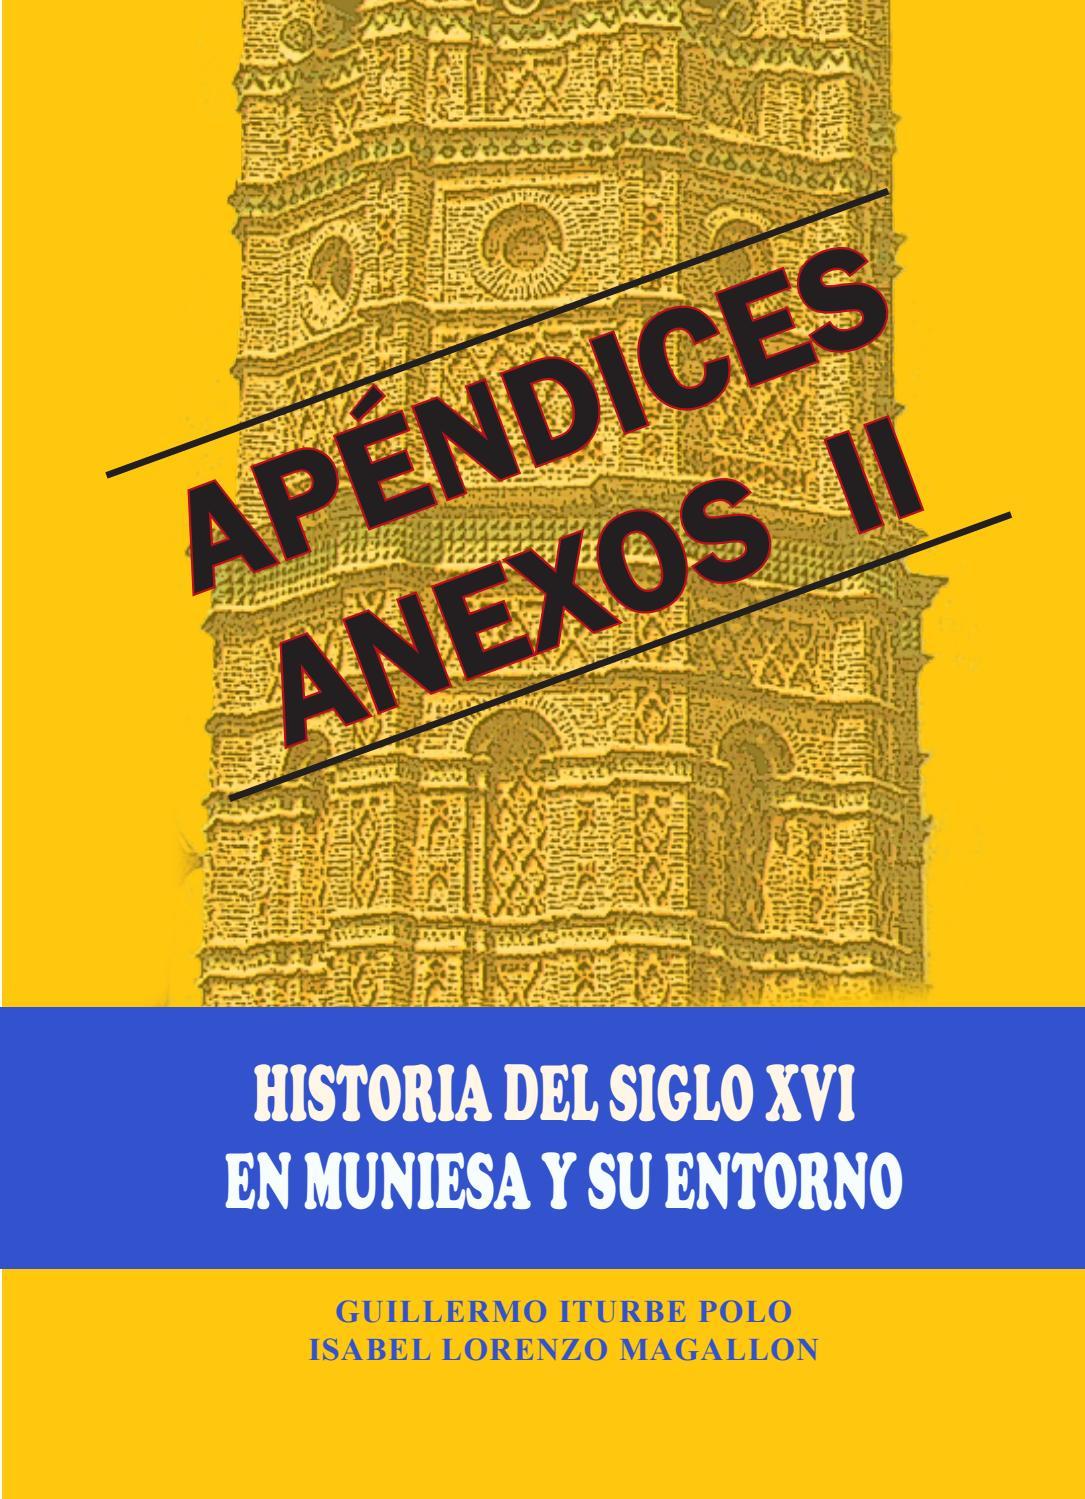 Anexos Ii Al Libro Historia Del Siglo Xvi En Muniesa Y Su Entorno  # Muebles Casal Tauste